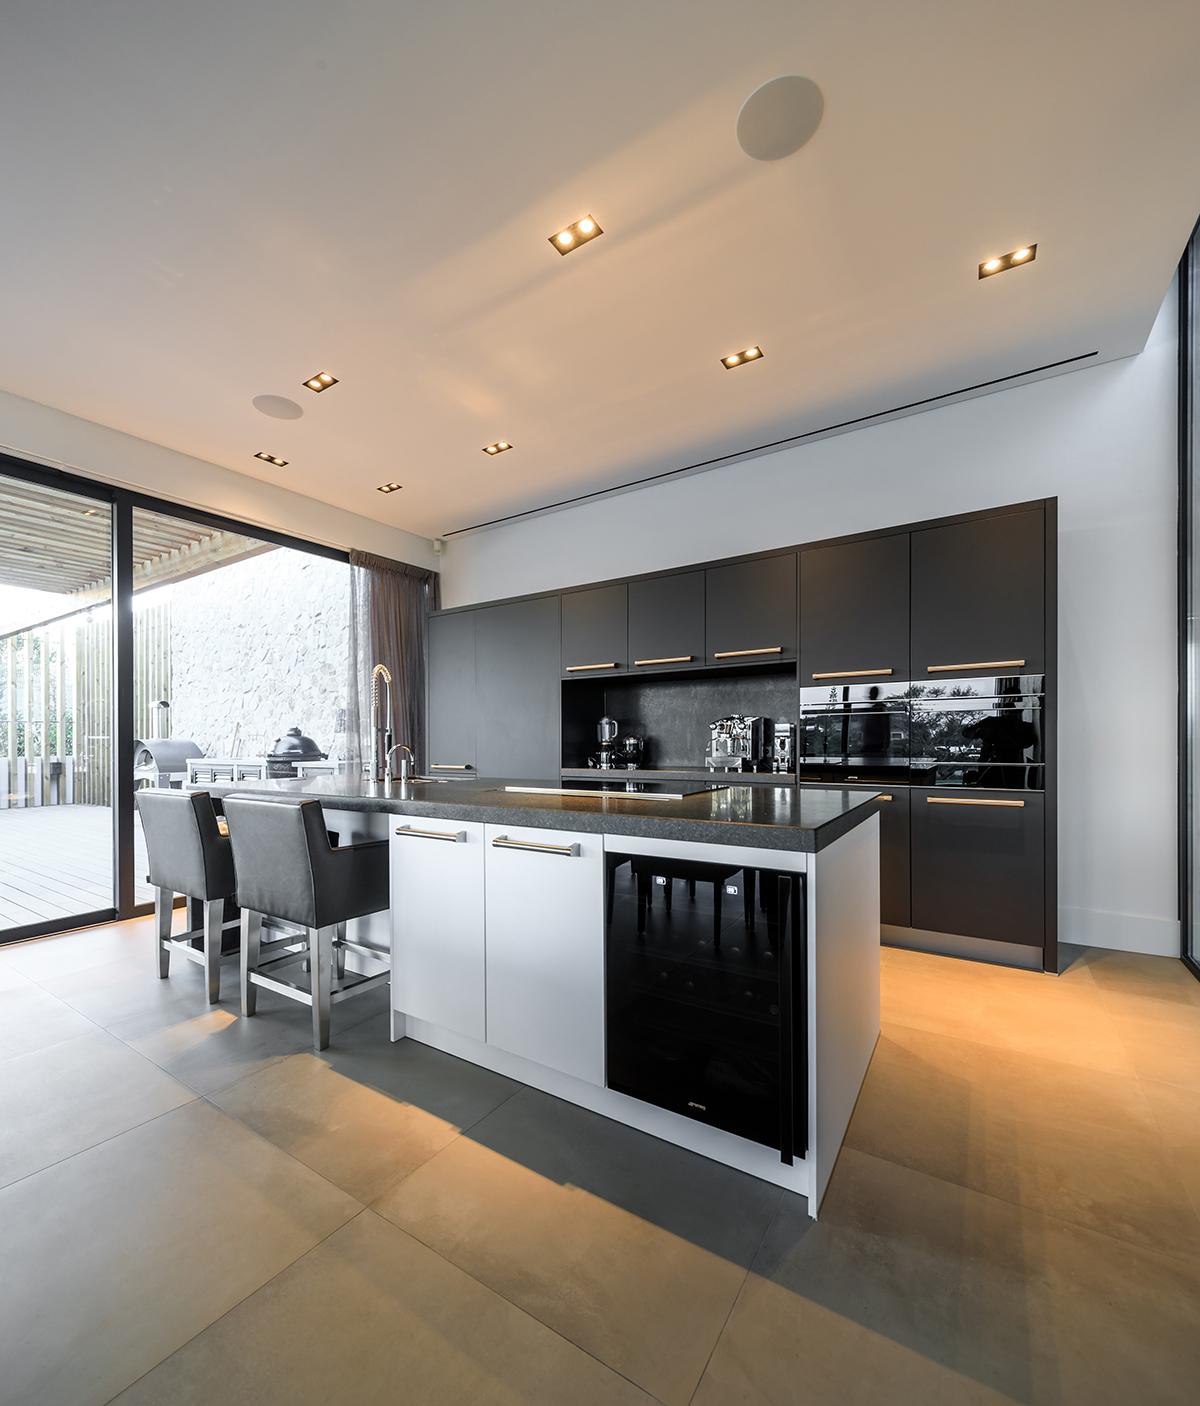 Keuken verlichting - villa-maretti-lighting-verlichting in het hoger segment